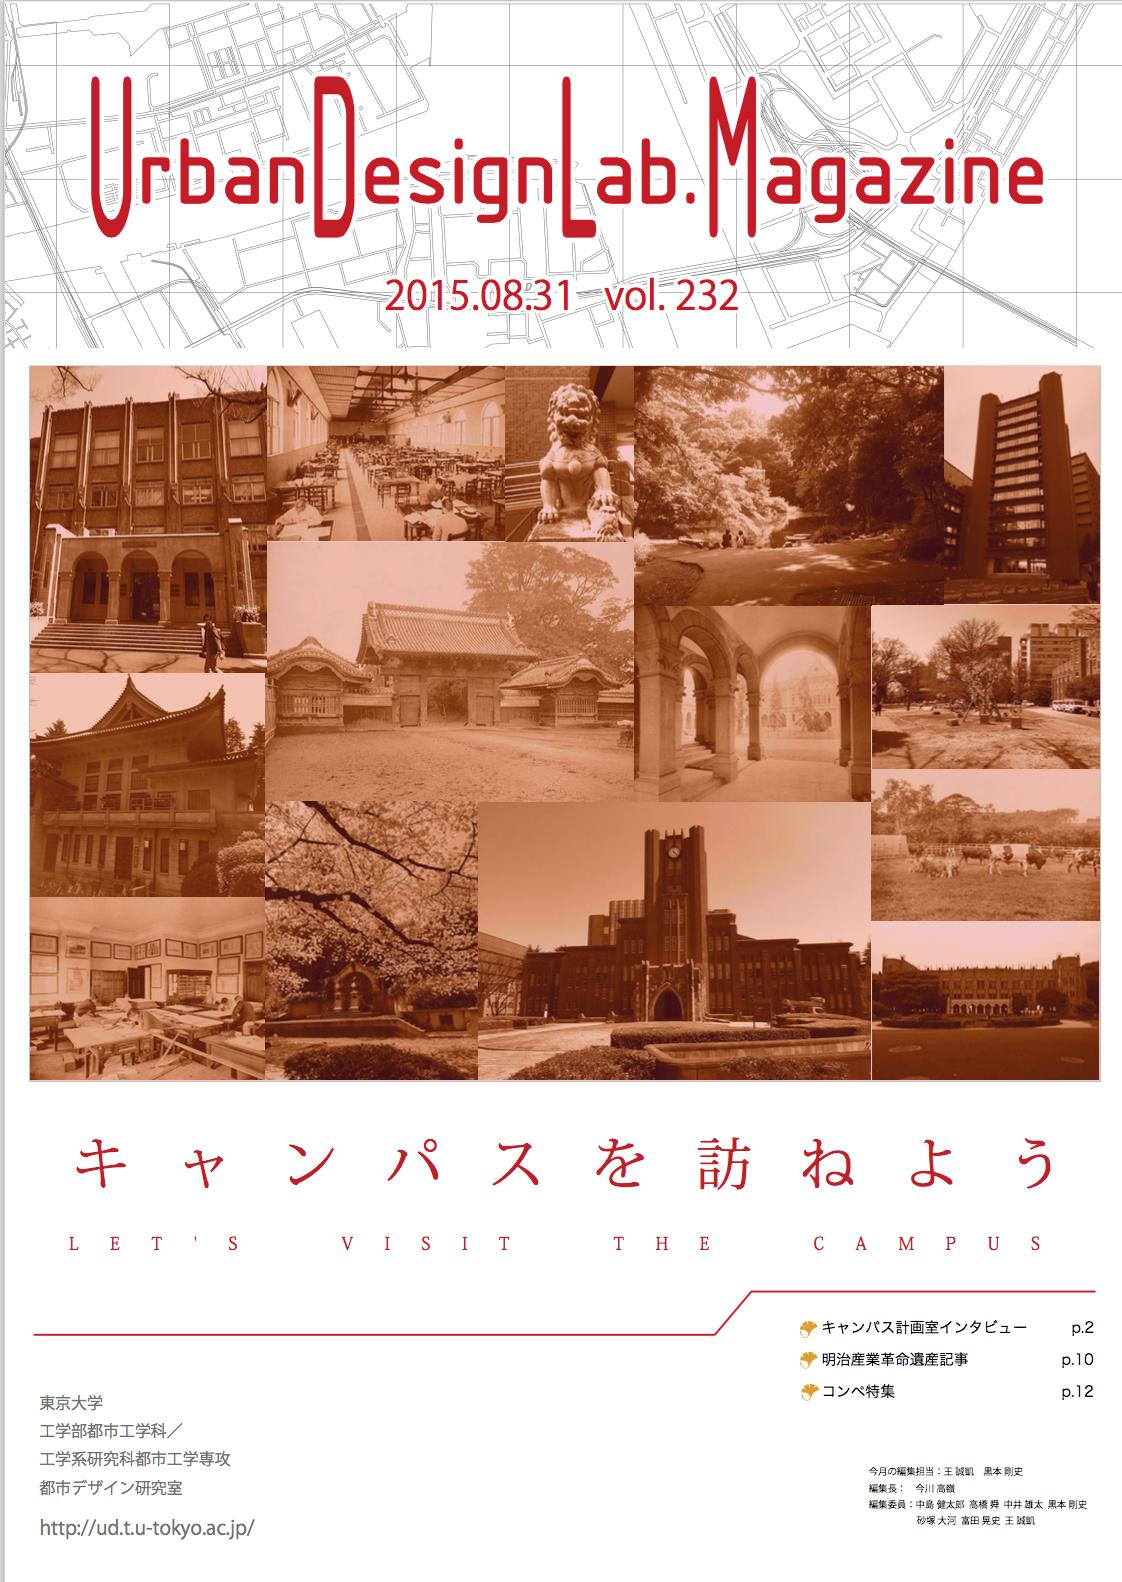 http://ud.t.u-tokyo.ac.jp/blog/_images/150901-0001.png